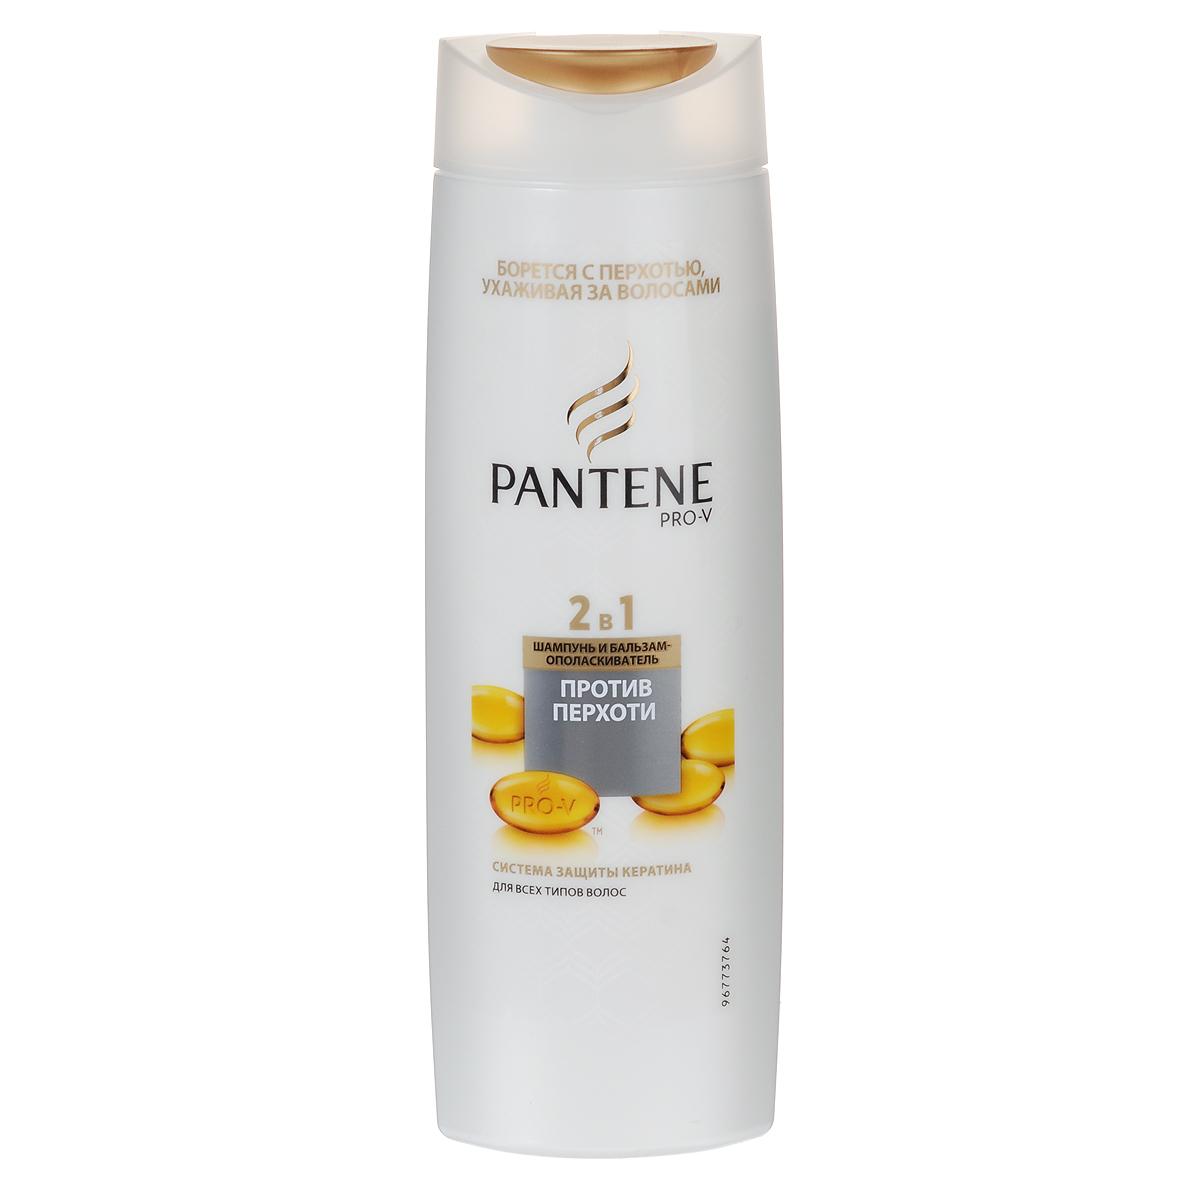 Pantene Pro-V Шампунь 2в1 Против перхоти, 400 млPT-81242260